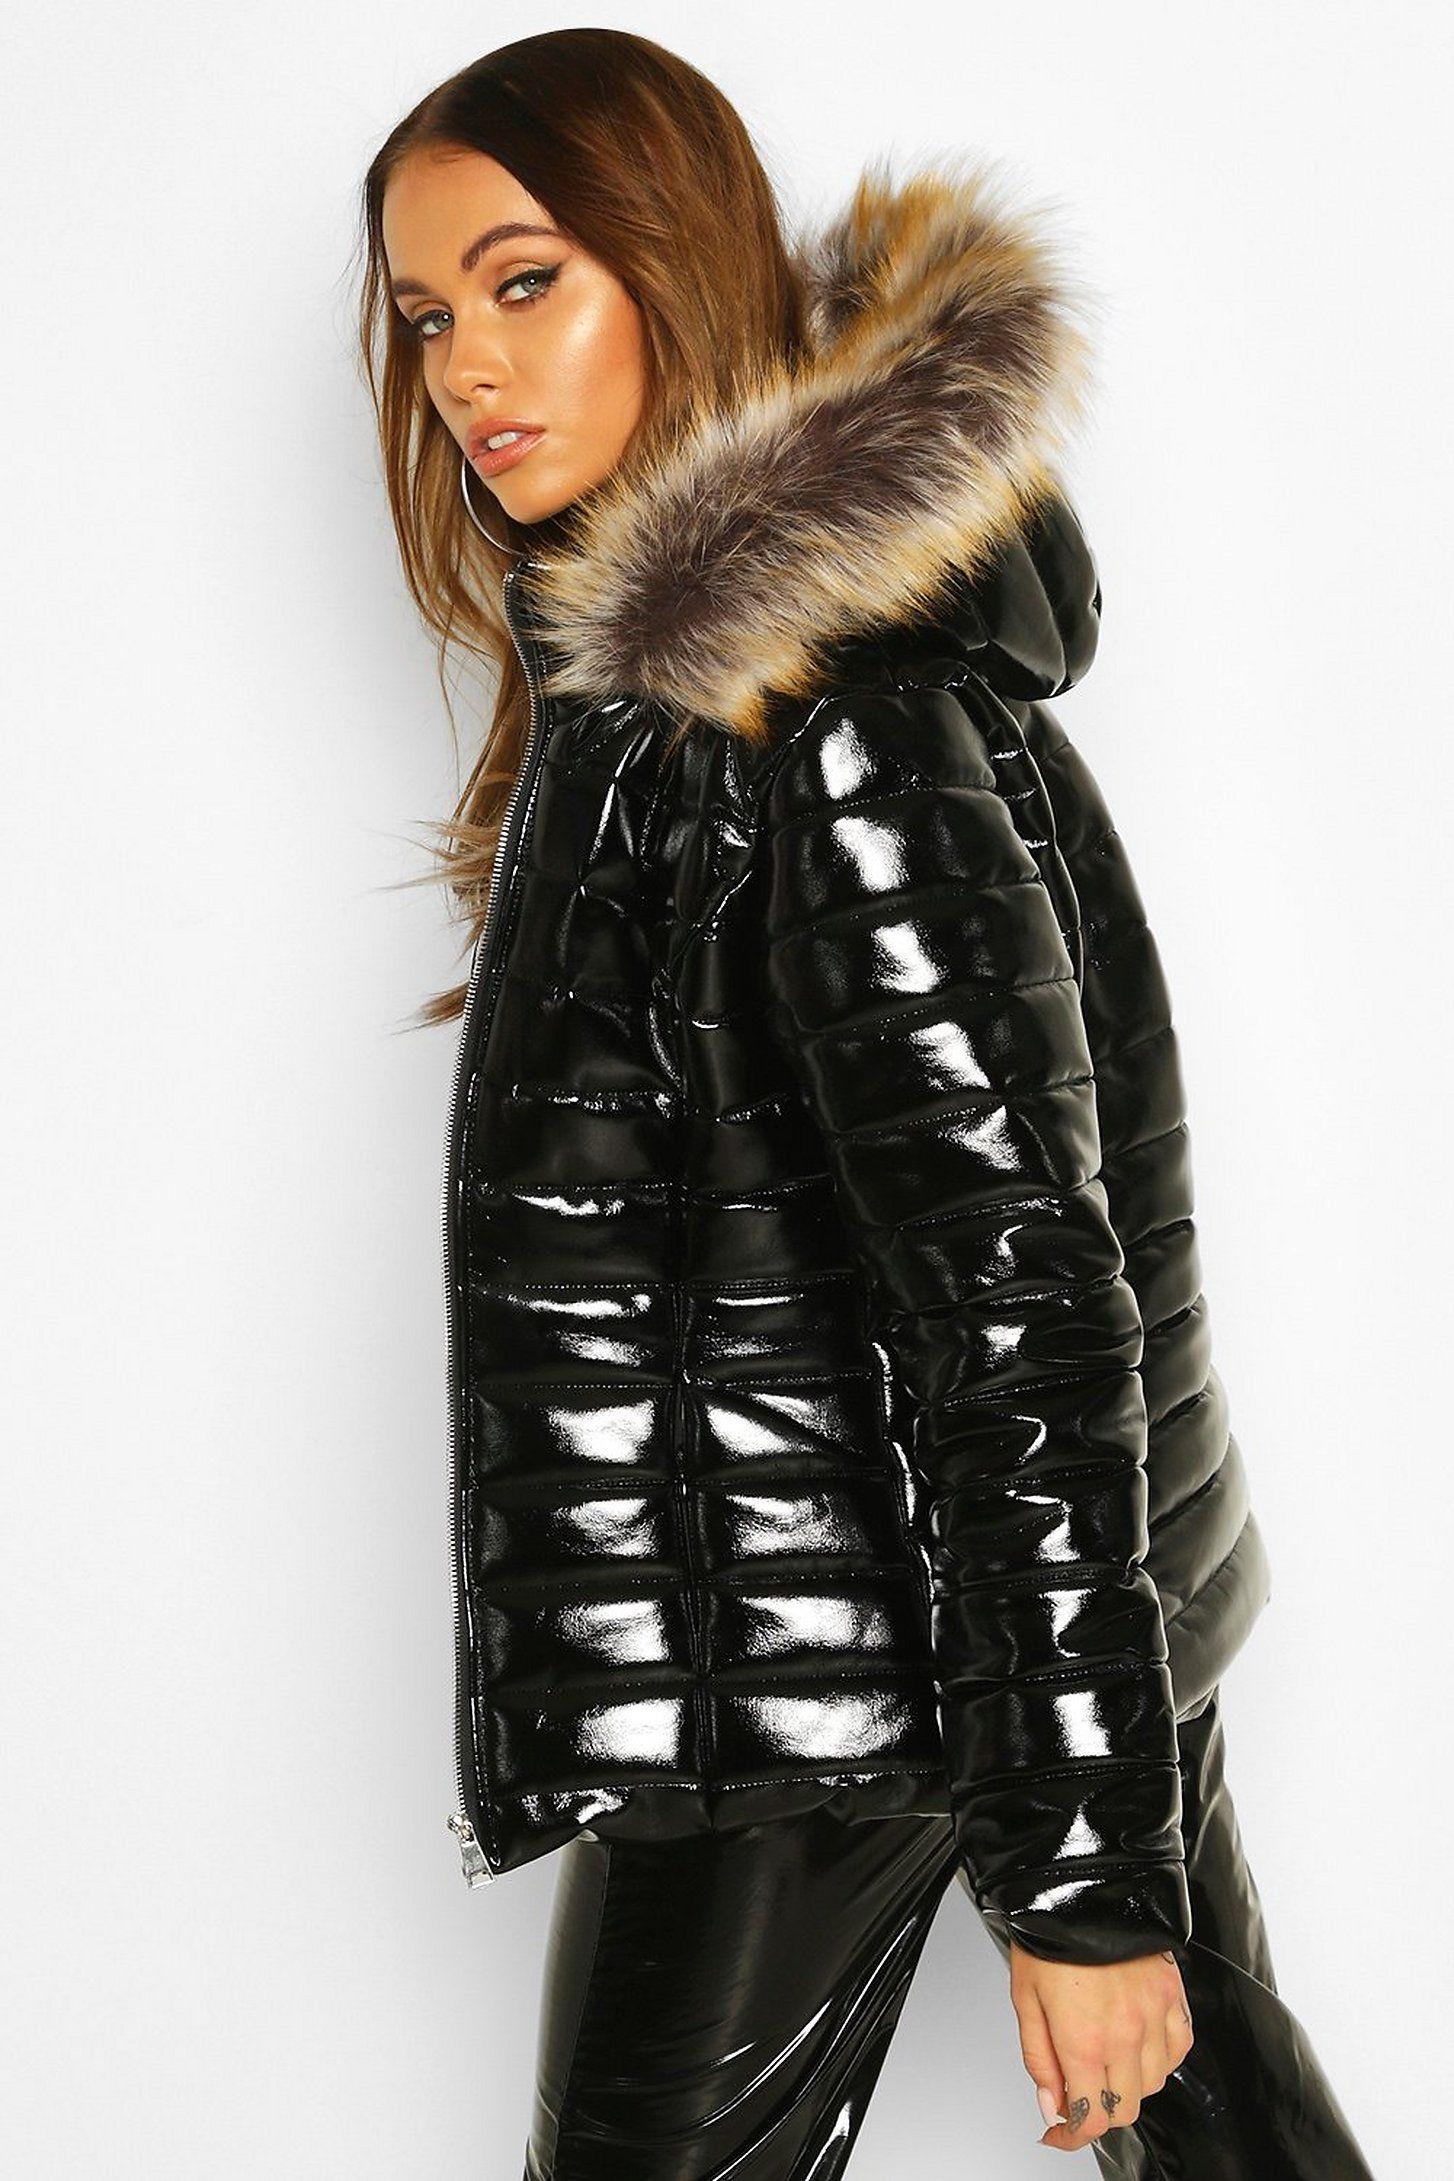 High Shine Faux Fur Trim Puffer Boohoo Women S Puffer Coats Puffer Coat With Fur Fur Hood Jacket [ 2181 x 1454 Pixel ]